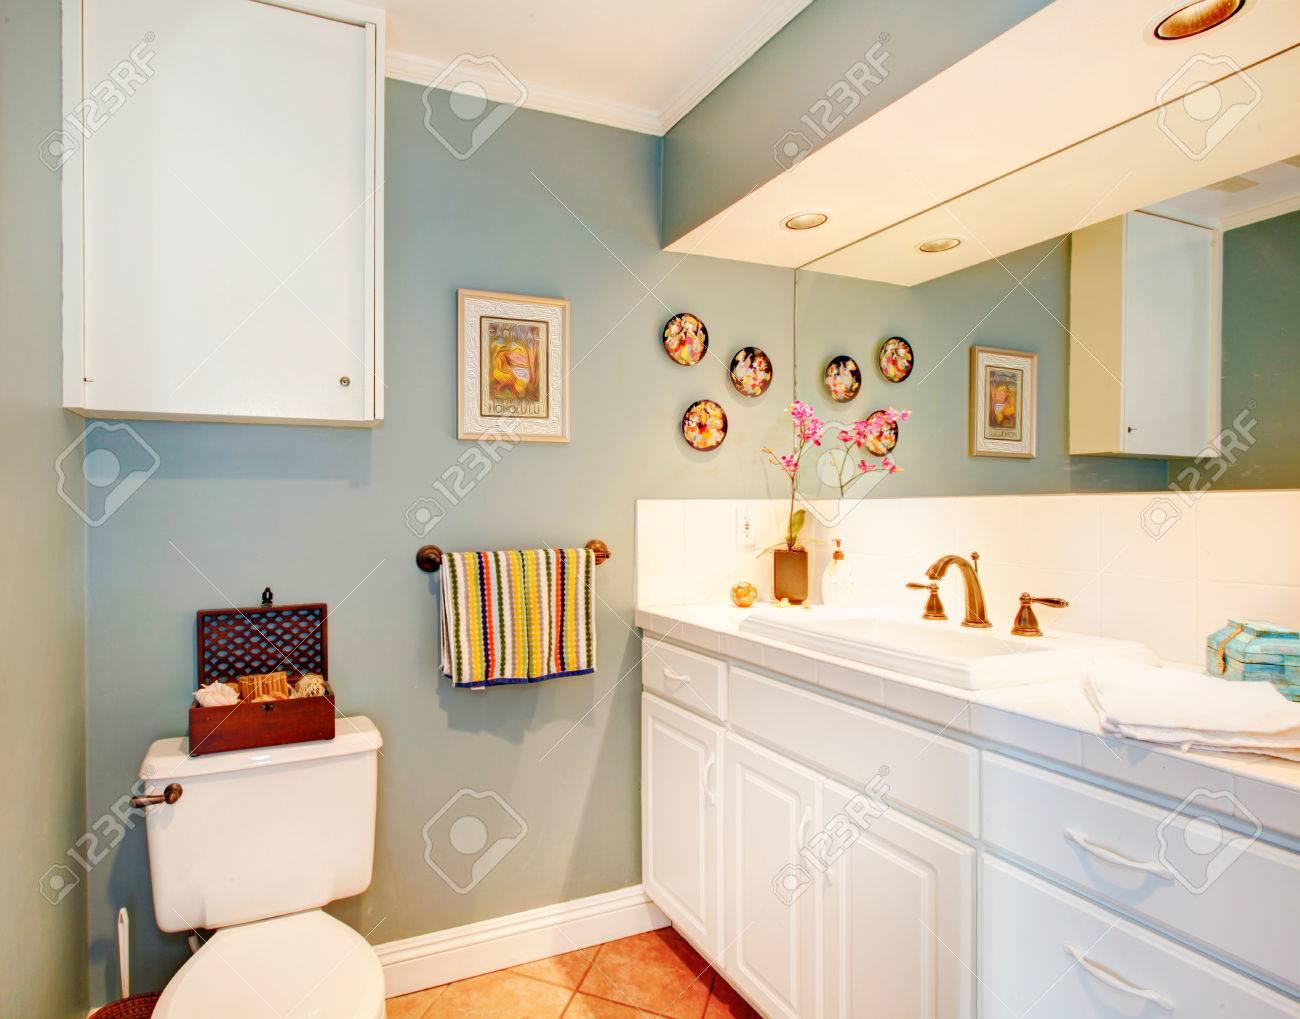 Gemutliche Hellblau Badezimmer Mit Fliesenboden Und Weisse Holzlager